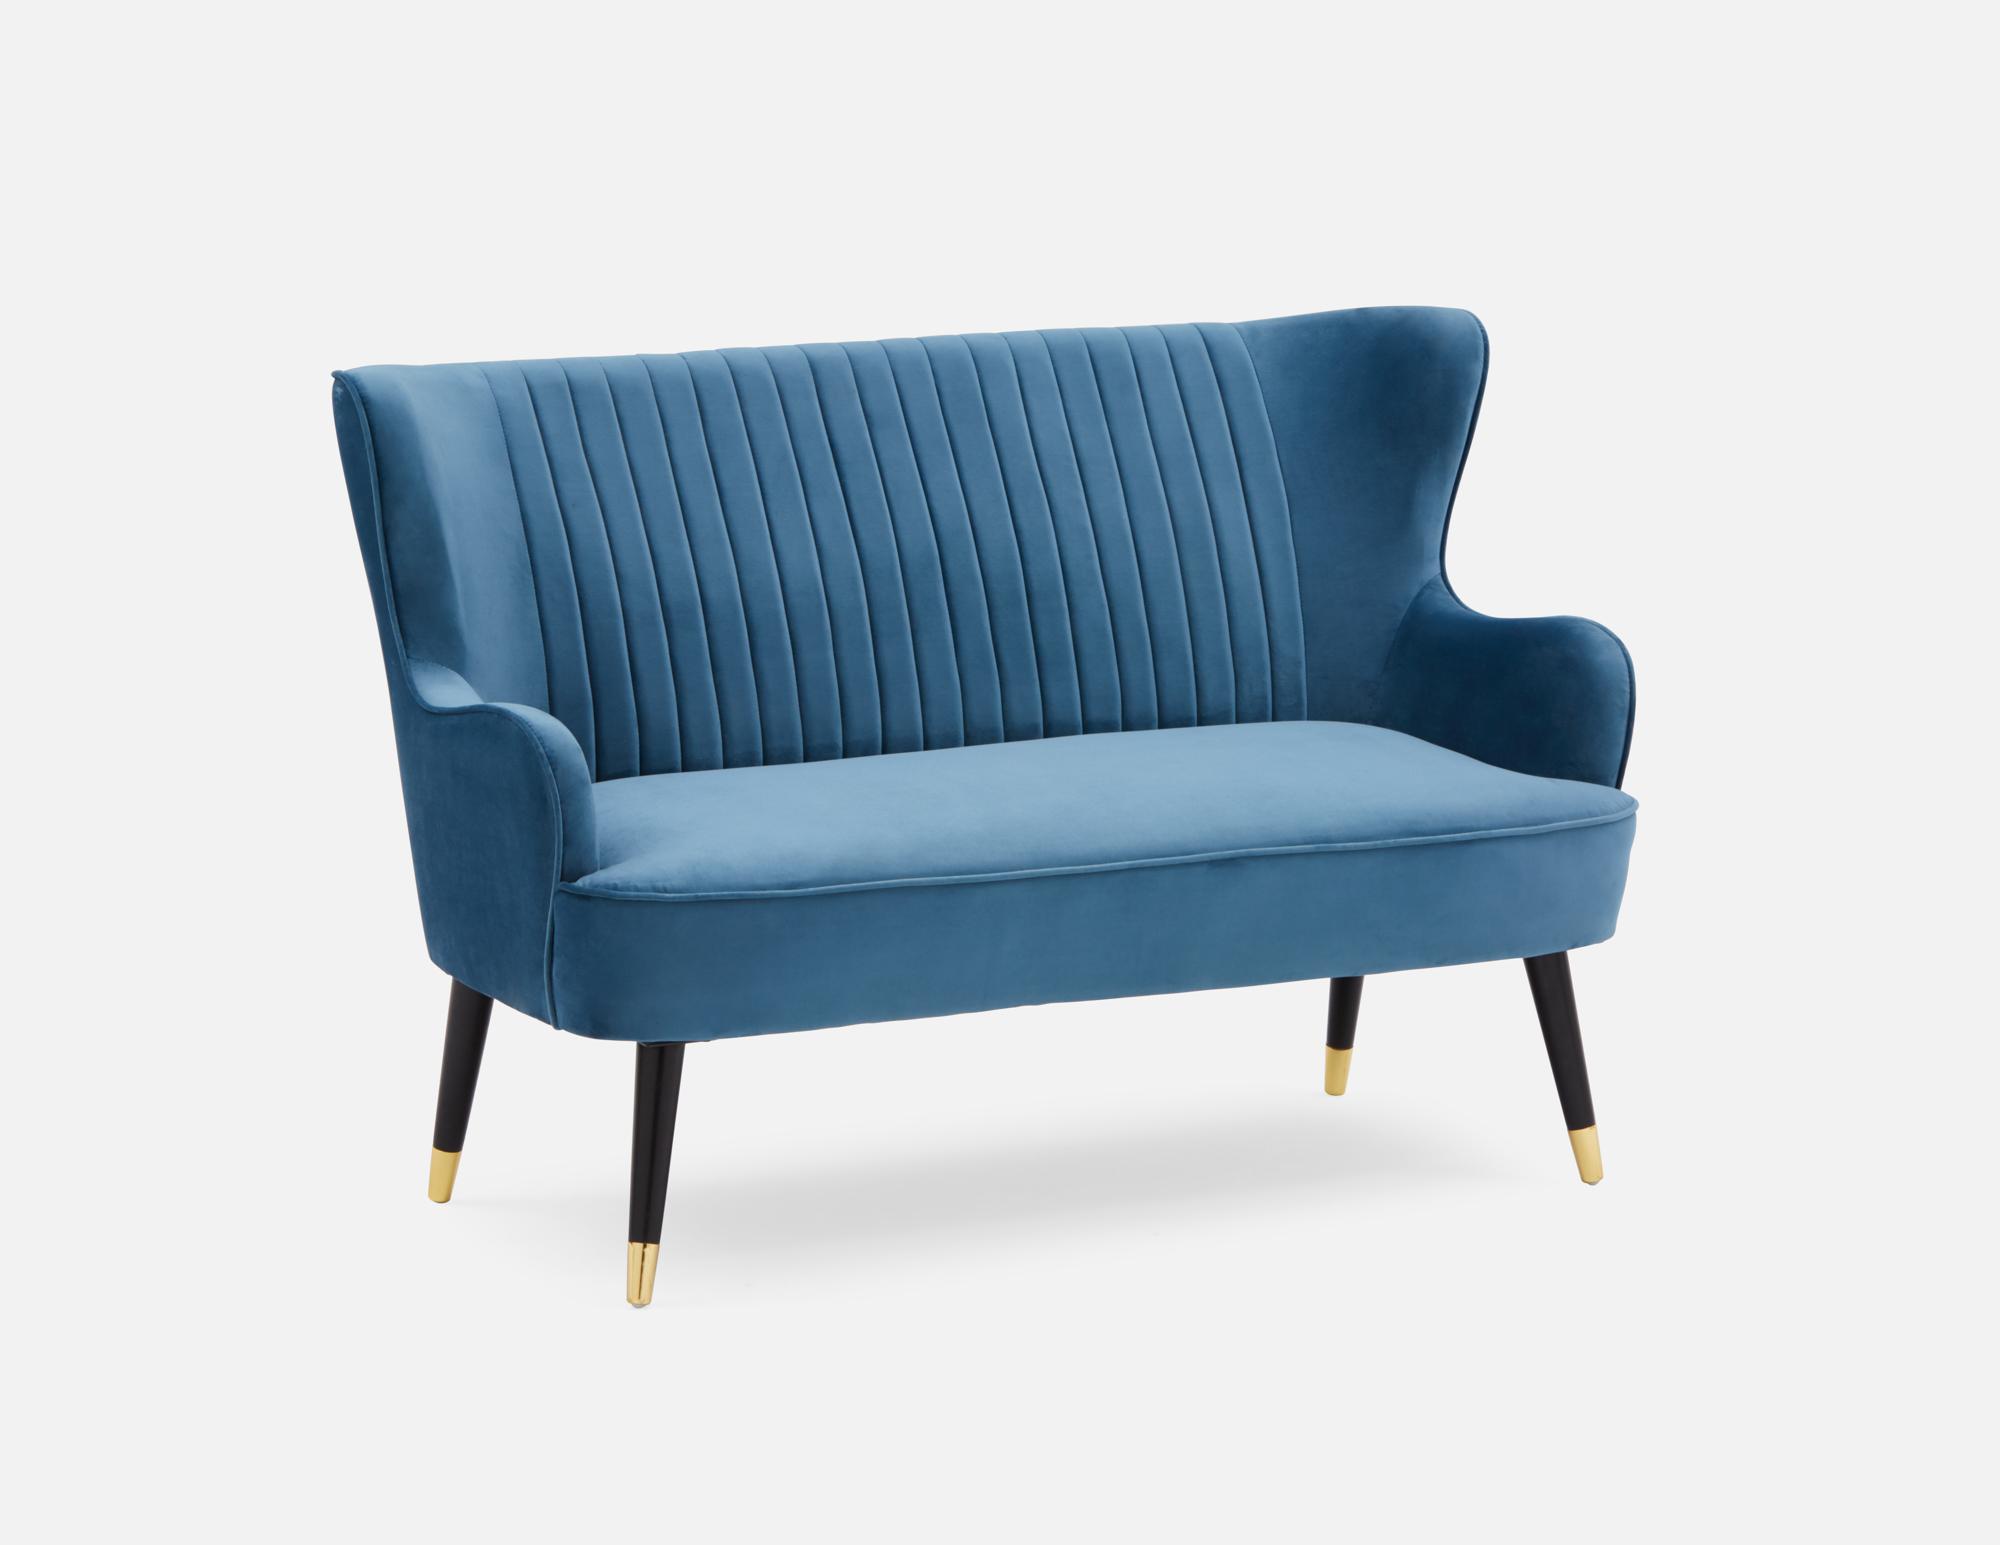 Blue Velvet Loveseat Structube Ellie In 2020 Love Seat Blue